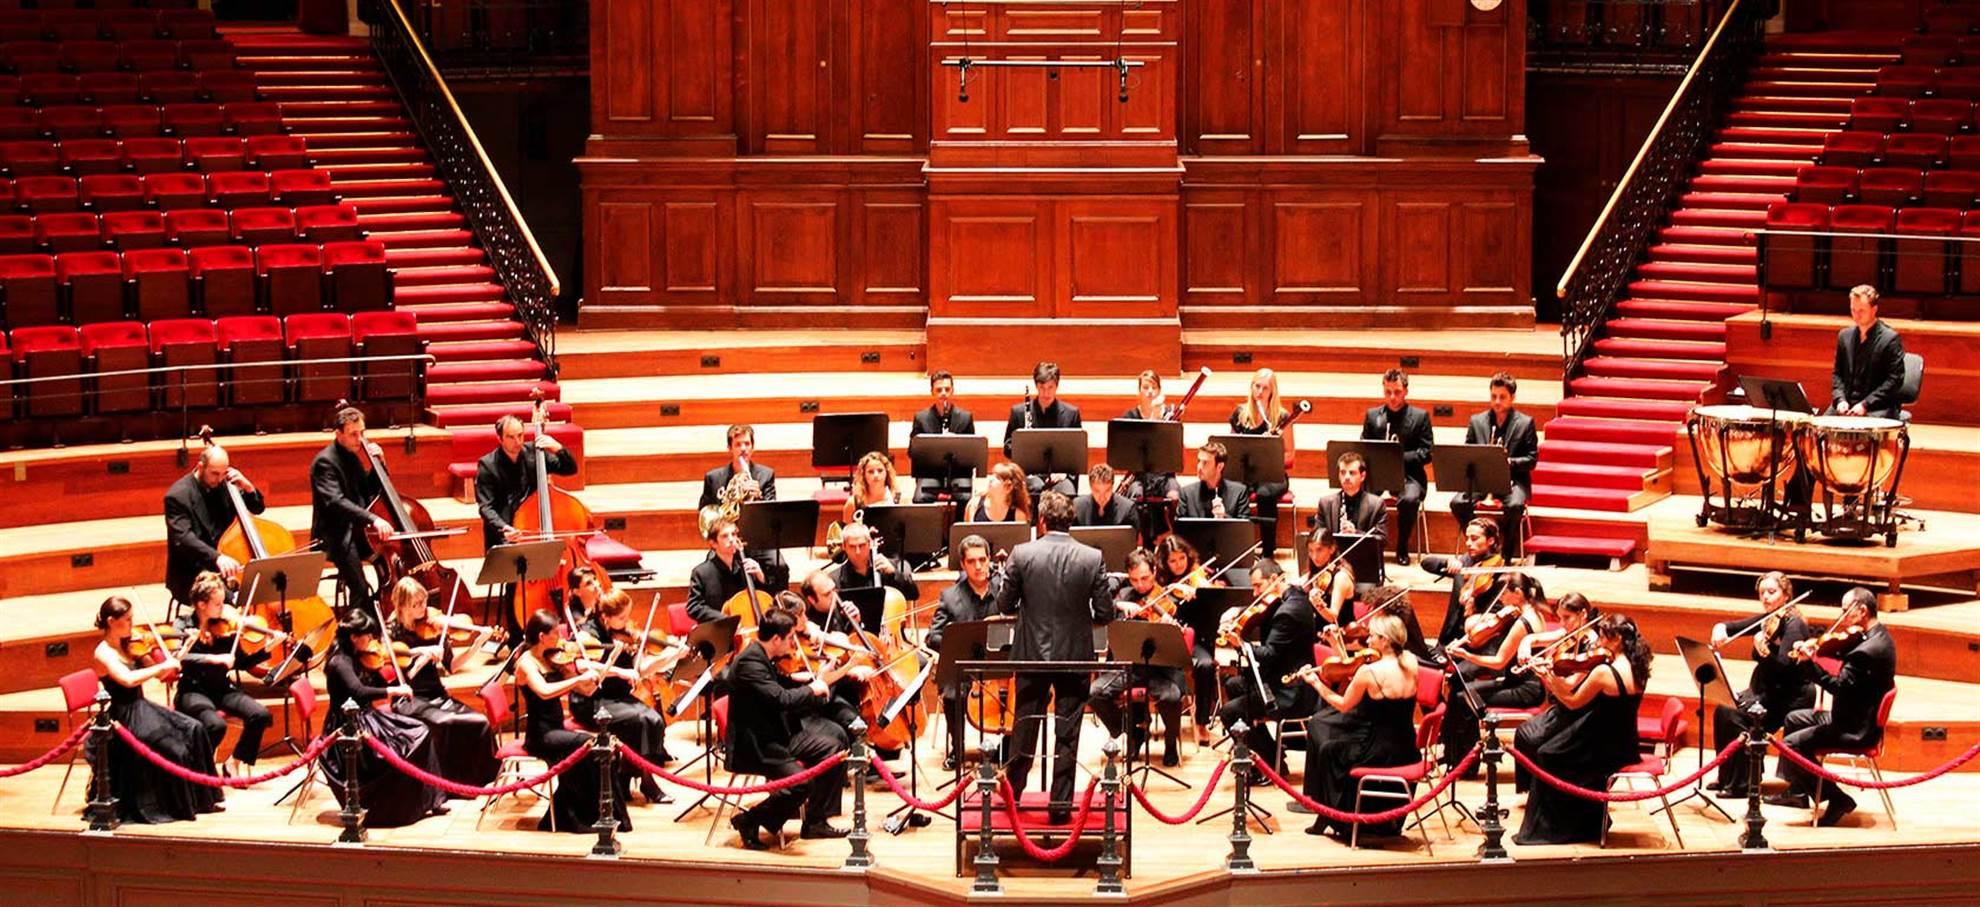 Visite guidate nel Concertgebouw